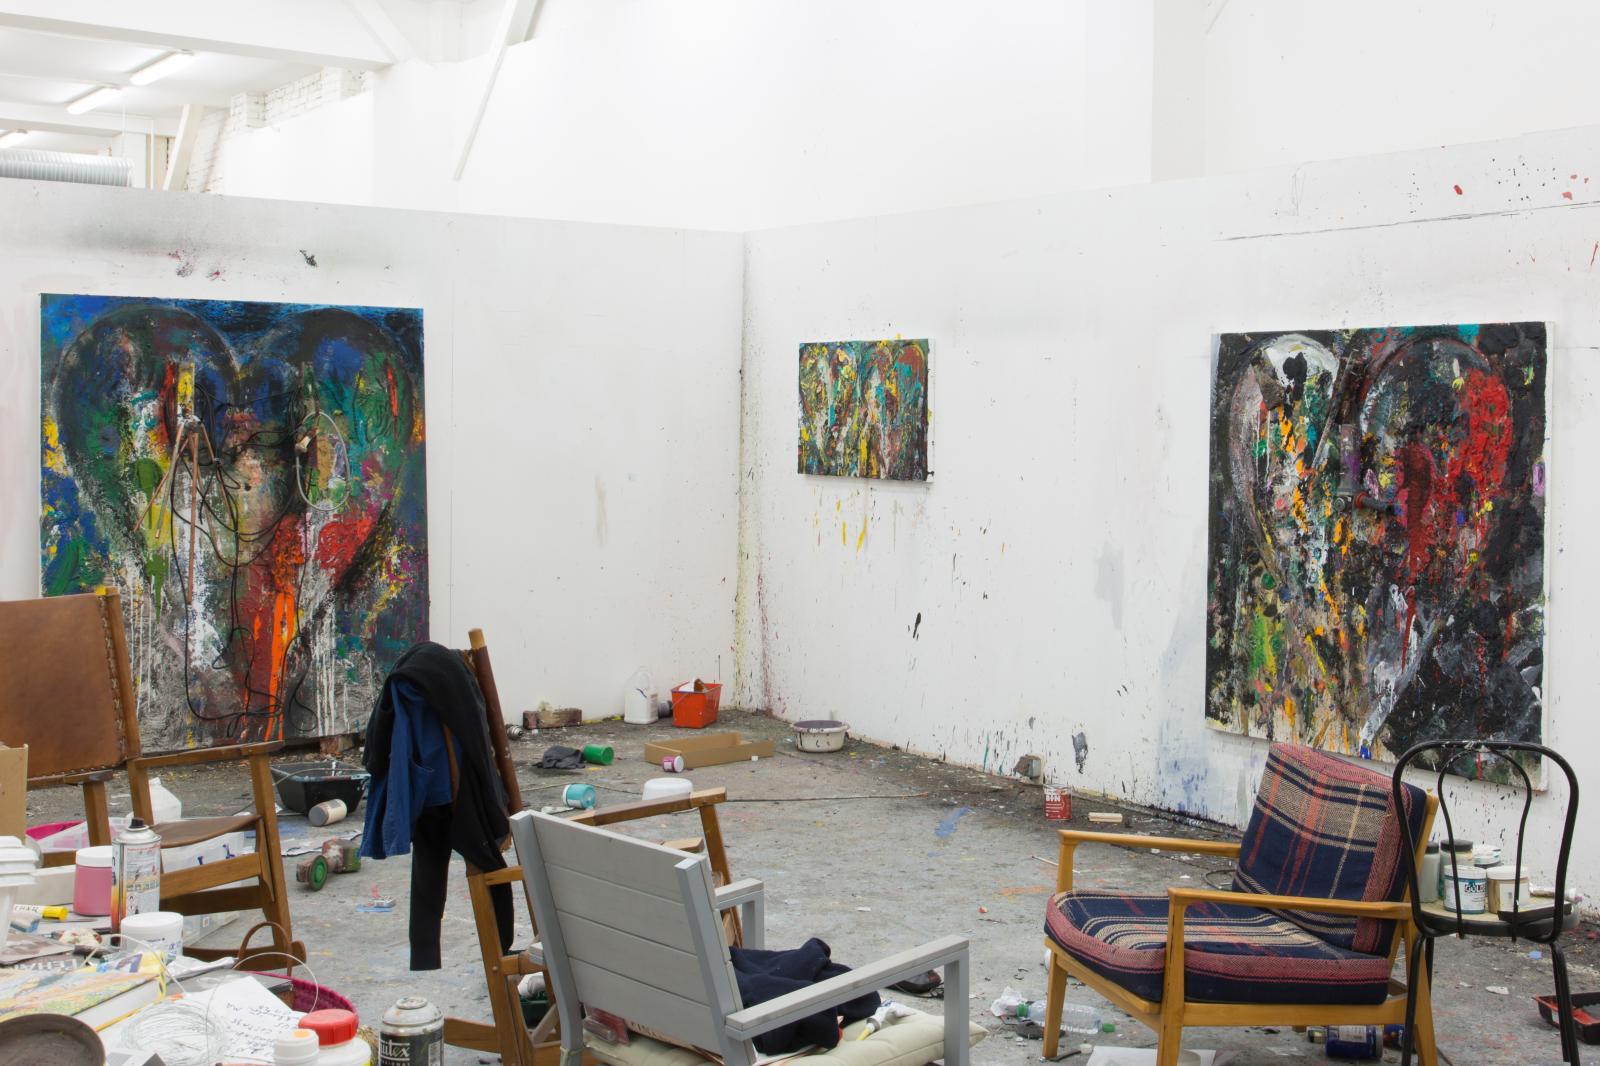 Vues de l'atelier de Montrouge.